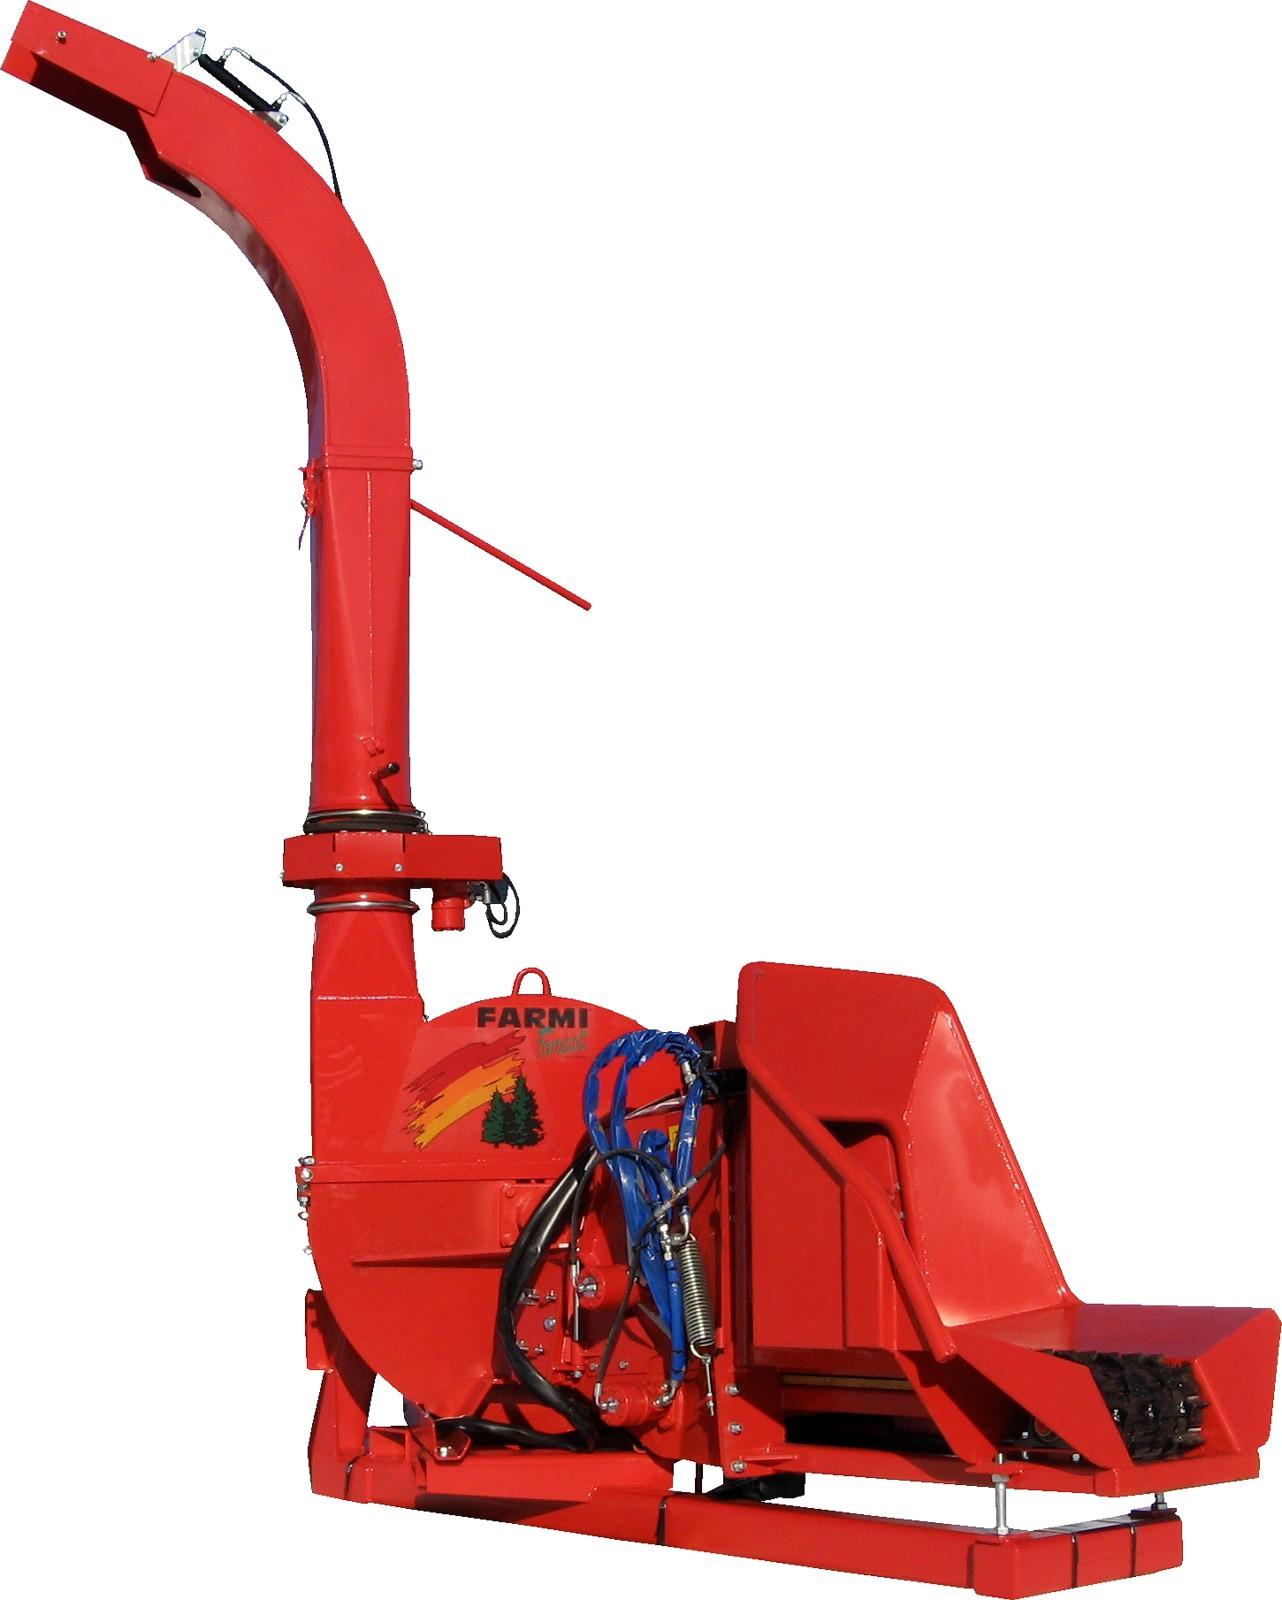 Farmi wood chipper | Farmi chipper shredder | Farmi energy wood ...